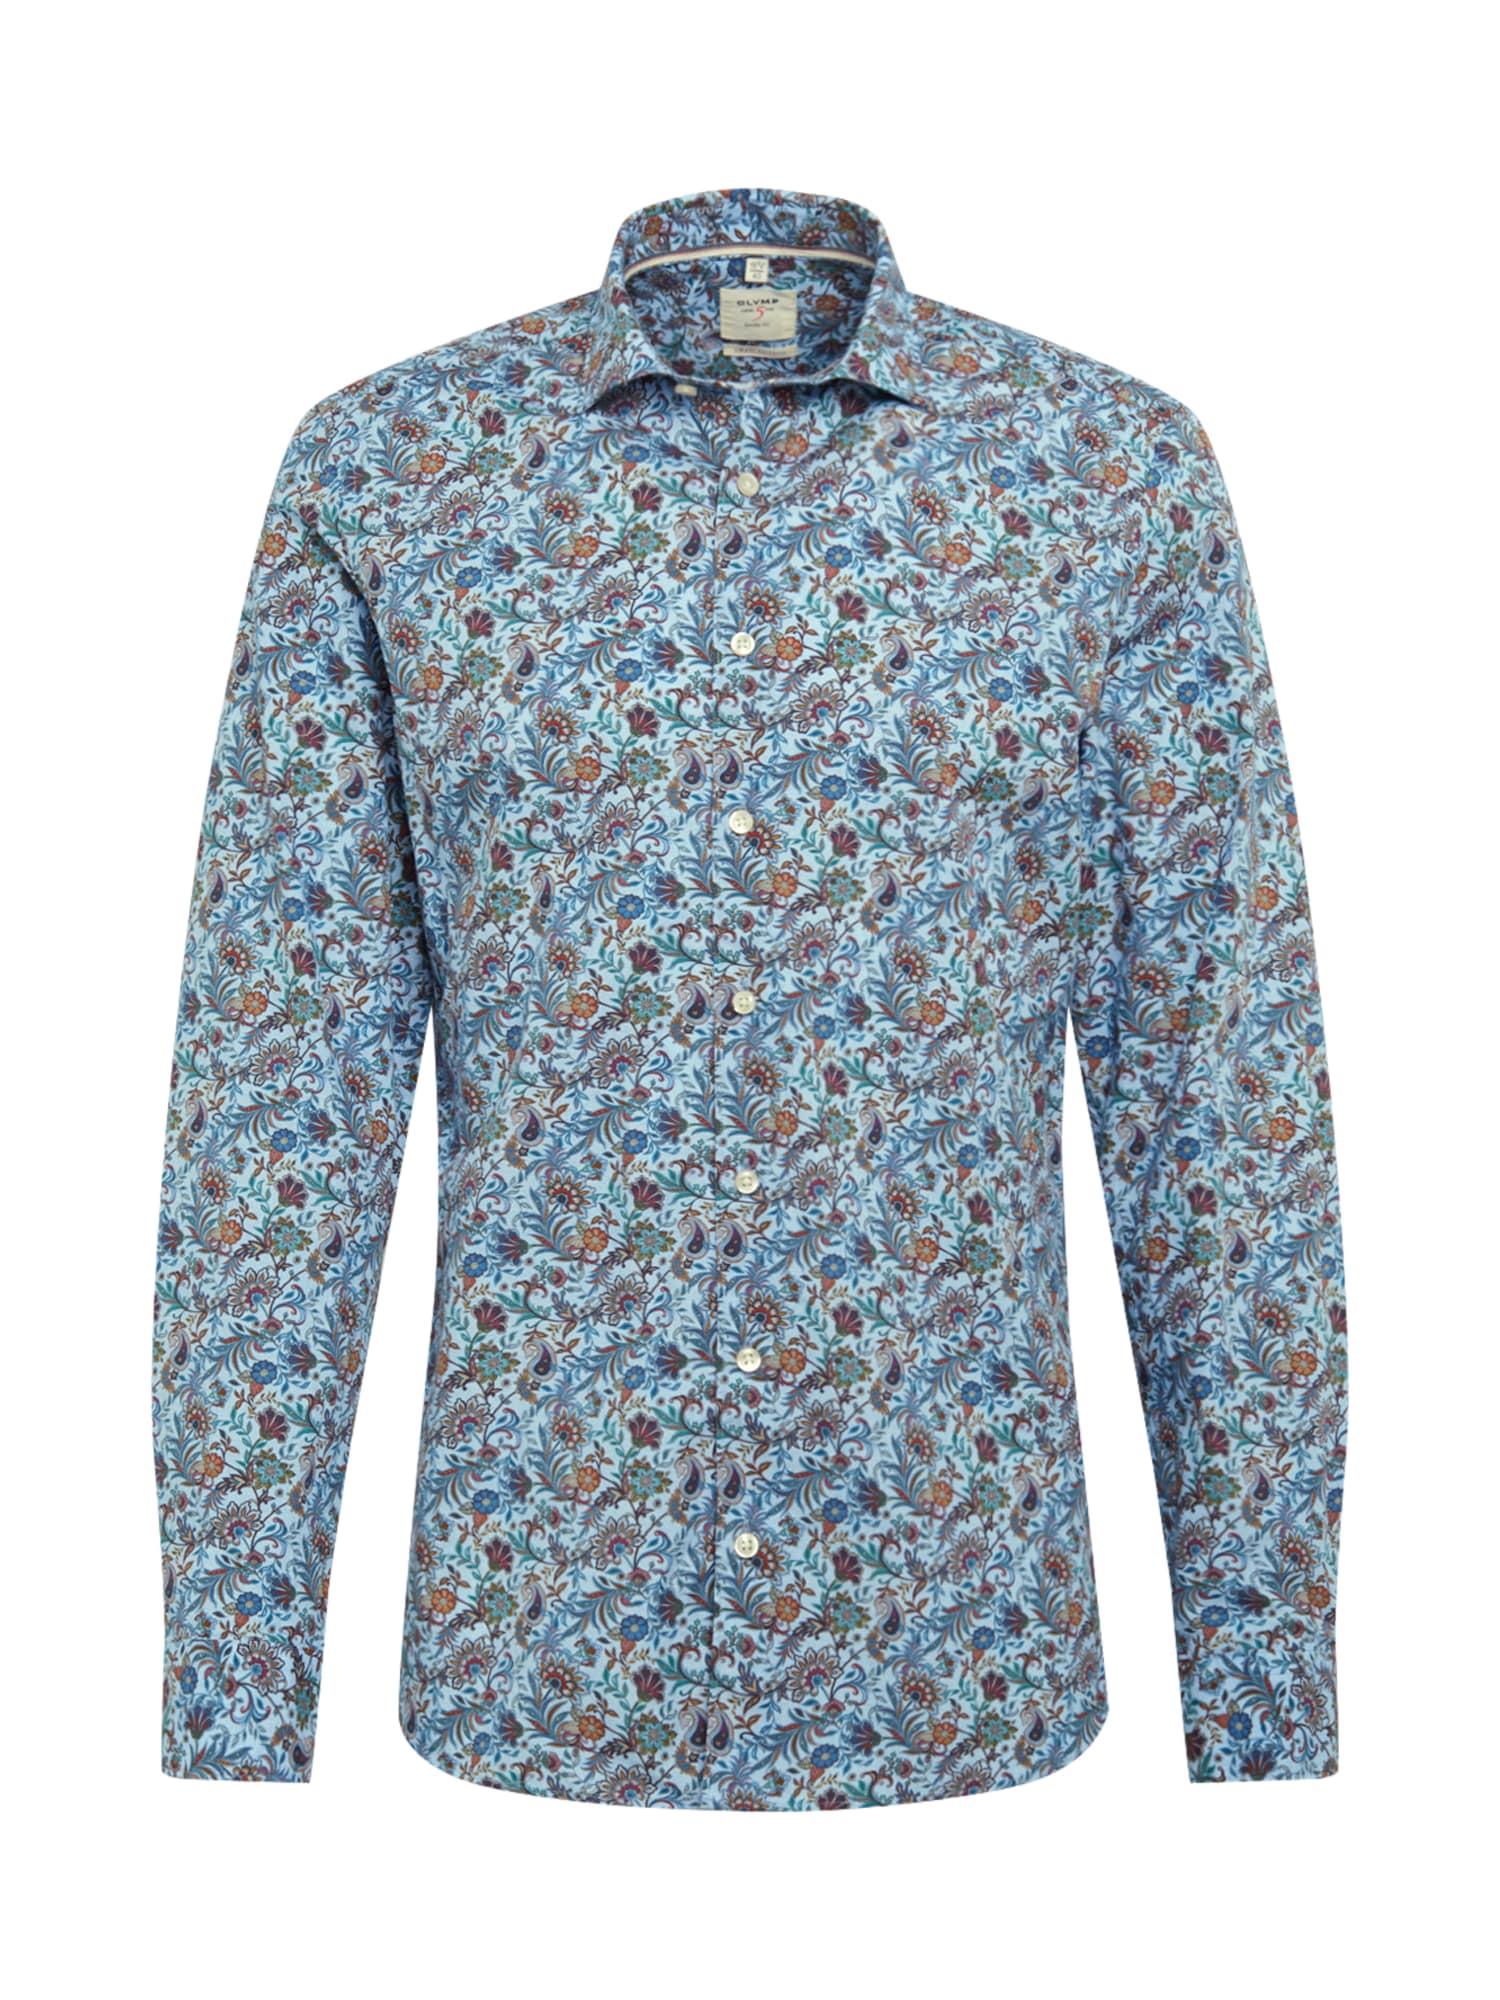 OLYMP Marškiniai mėlyna / mišrios spalvos